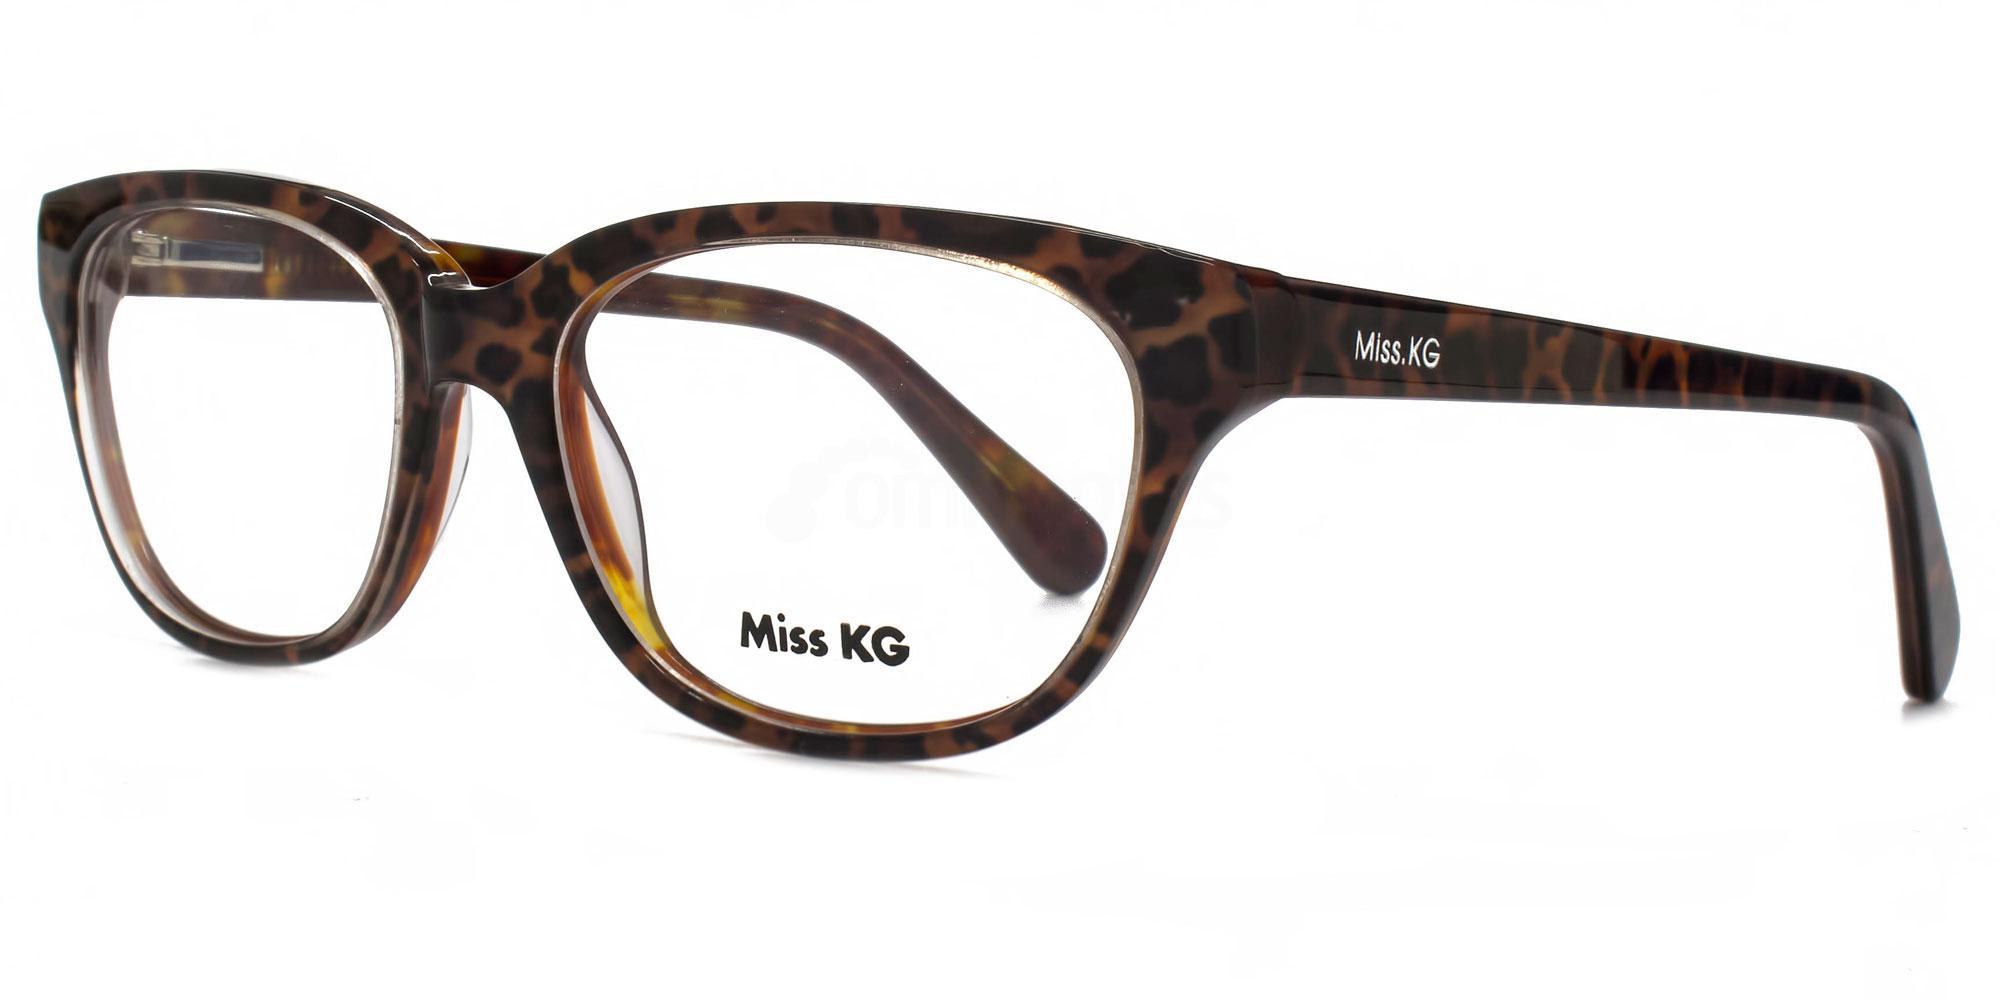 LEO MKGS009 , Miss KG